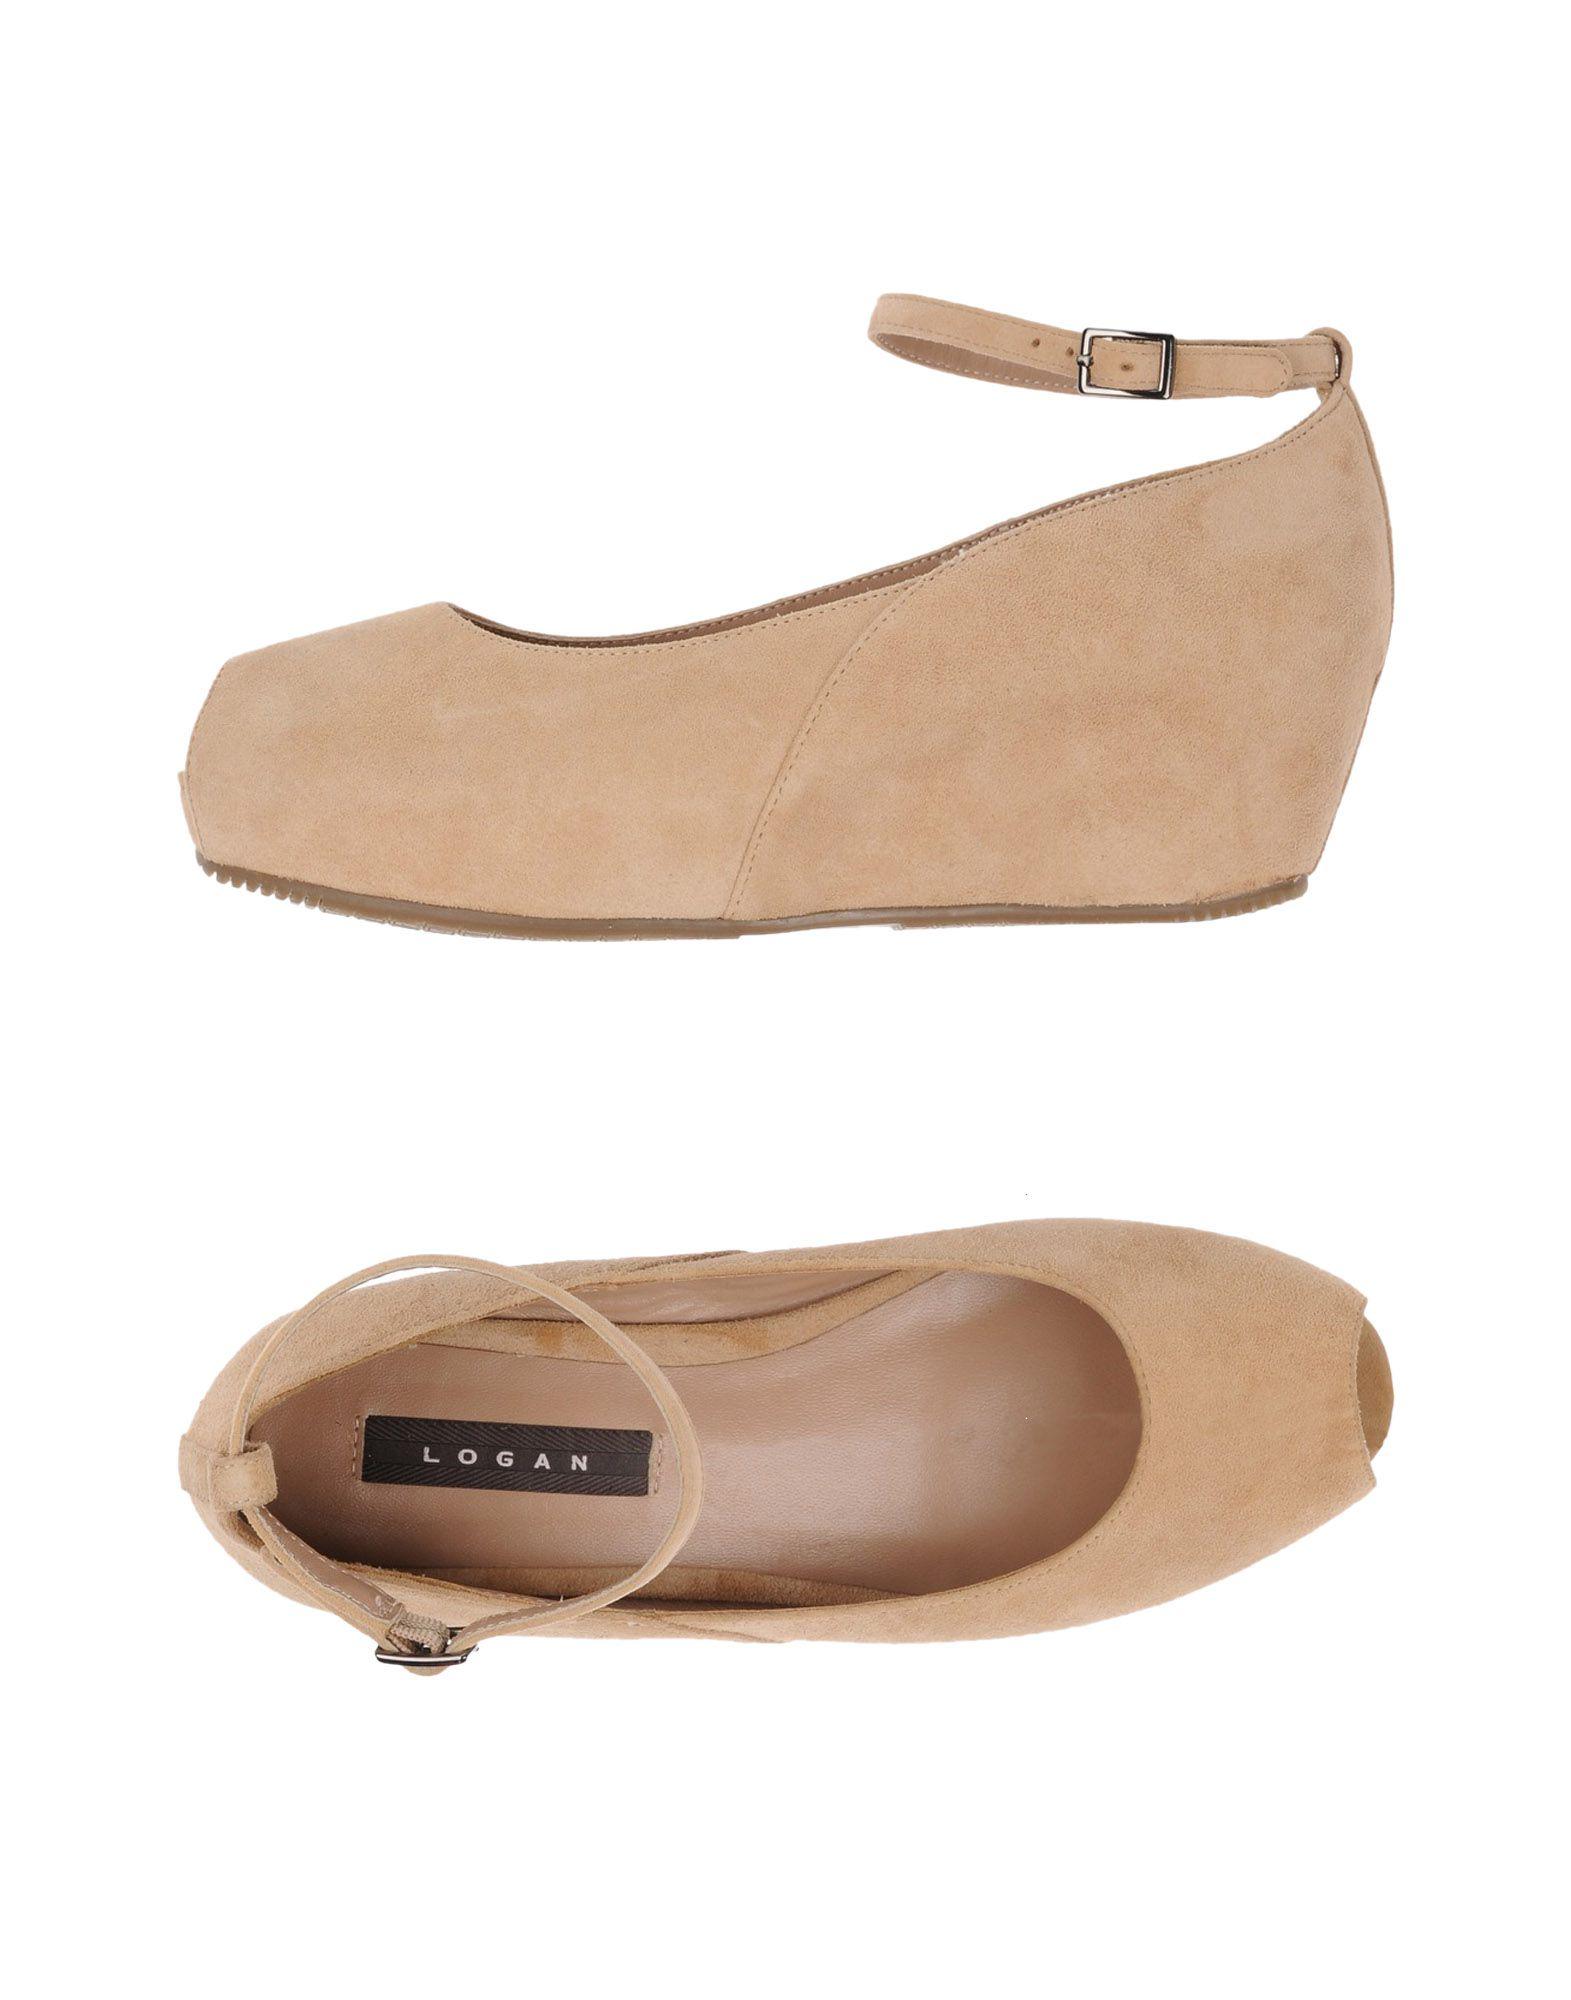 Haltbare Mode billige Schuhe Logan Pumps Heiße Damen  11173065FL Heiße Pumps Schuhe 3f51a4